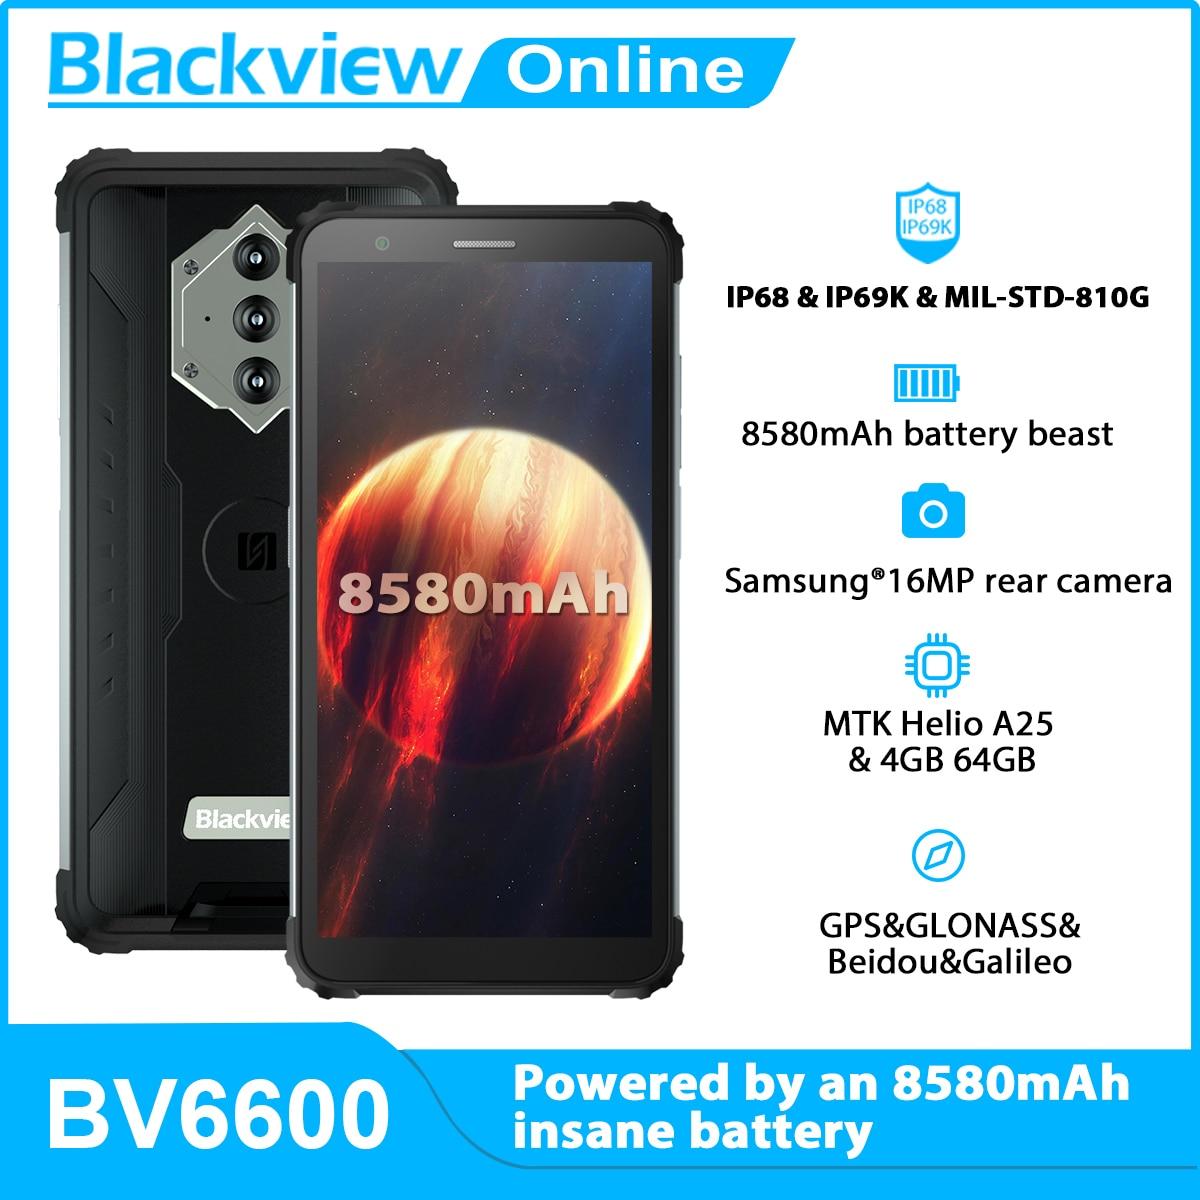 Перейти на Алиэкспресс и купить Blackview Новый BV6600 Octa Core 4 Гб + 64 Гб IP68 Водонепроницаемый 8580 мА/ч, прочный смартфон 5,7 дюйм16MP Камера NFC Android 10 мобильный телефон